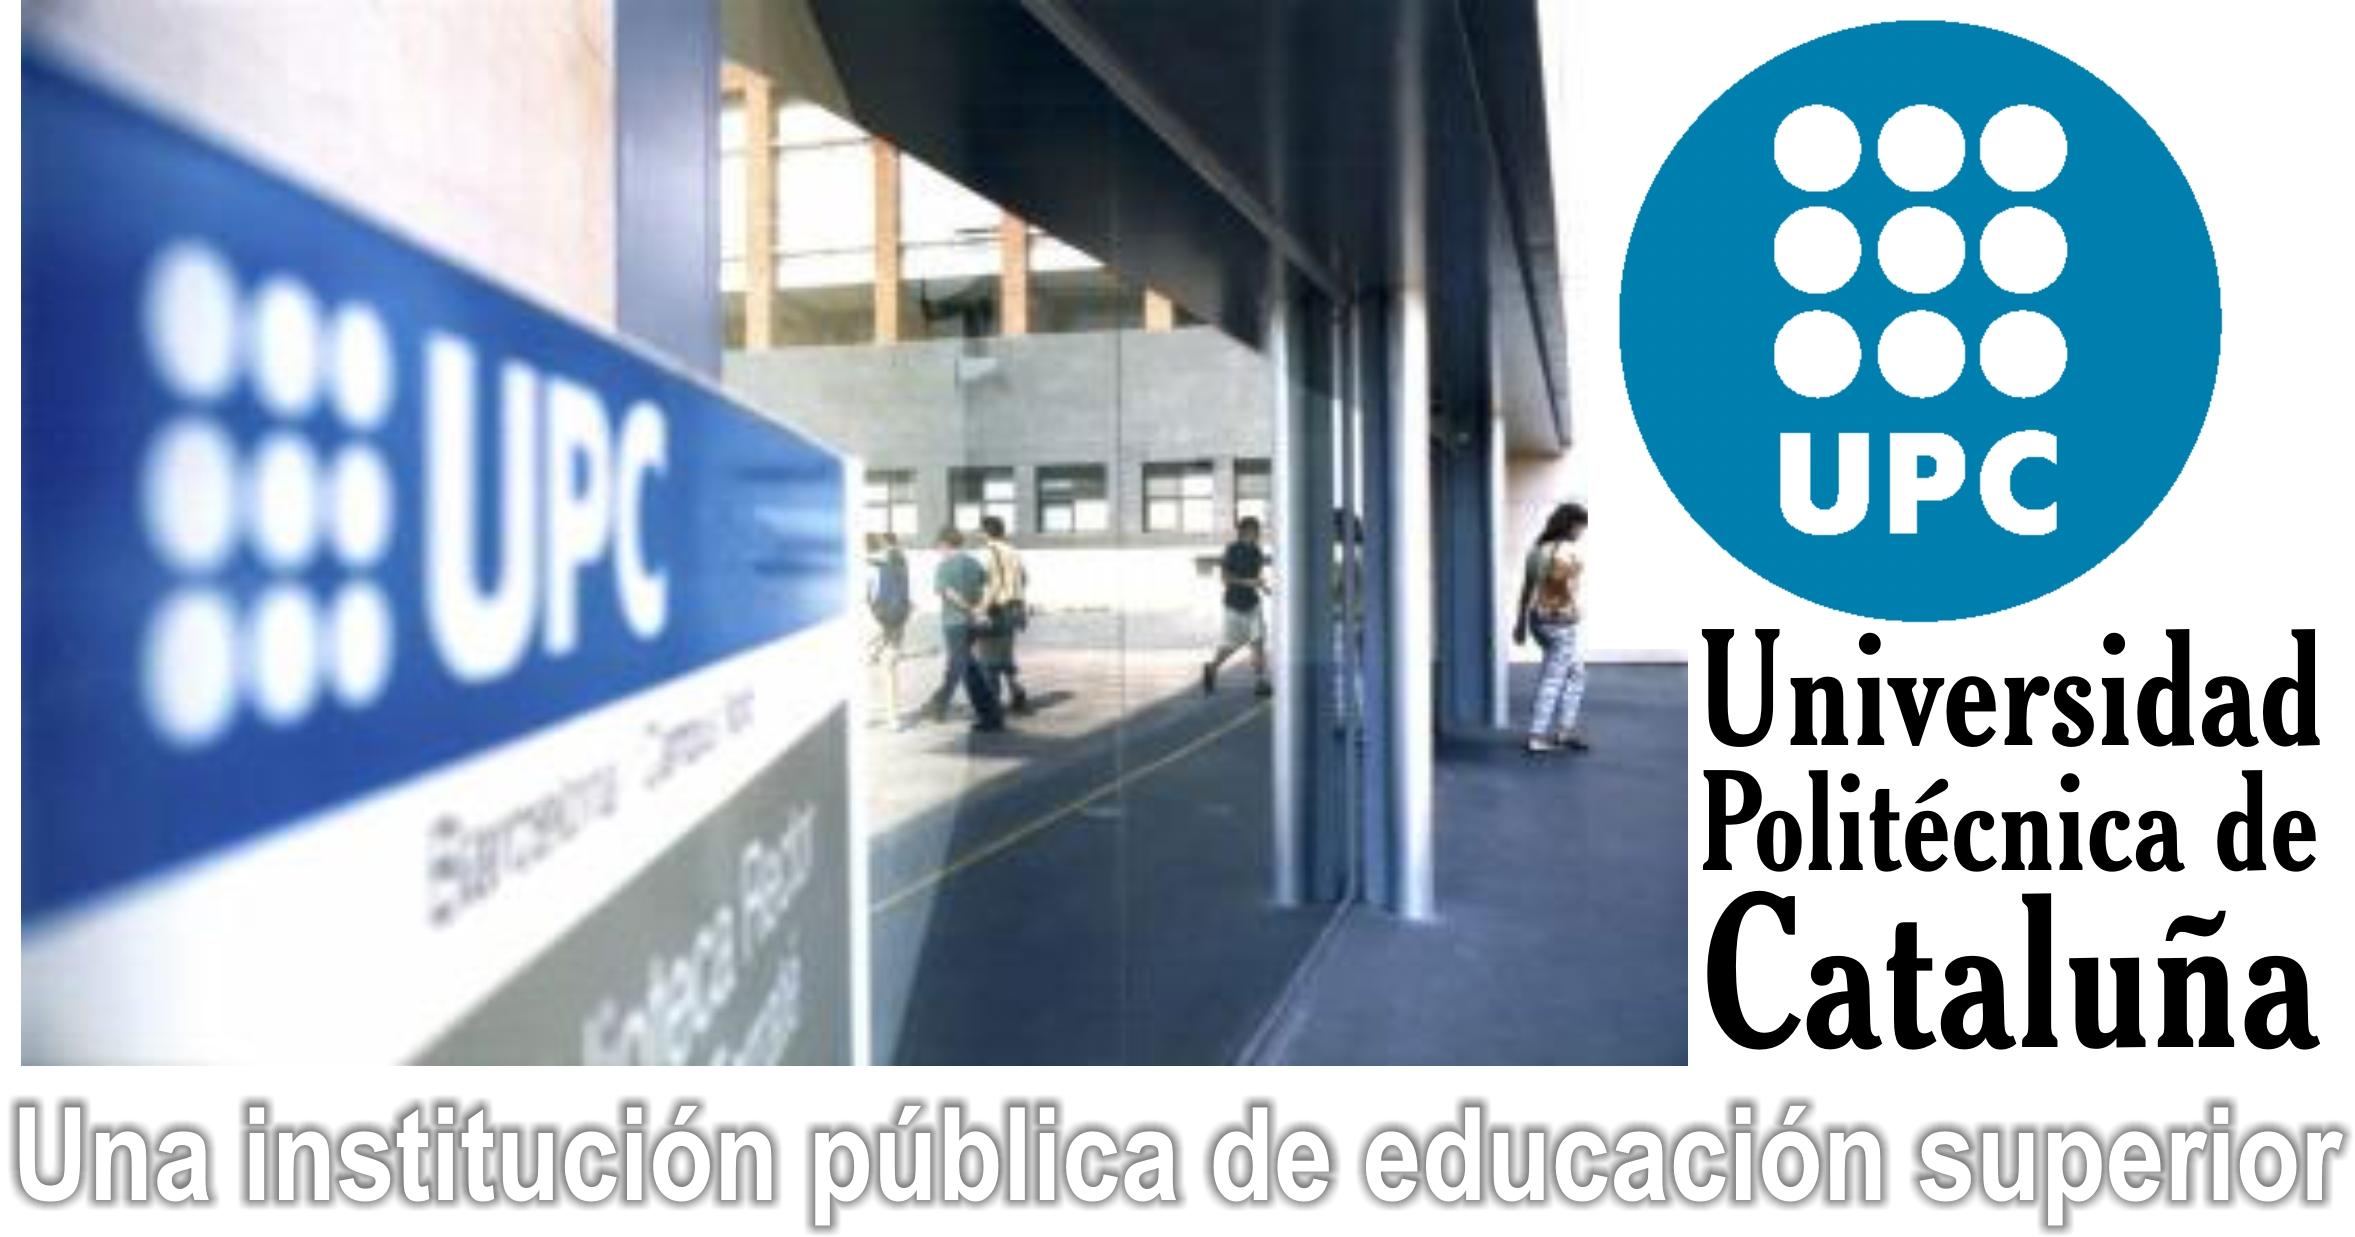 Universidad politecnica de catalu a universidad for Diseno de interiores universidad publica